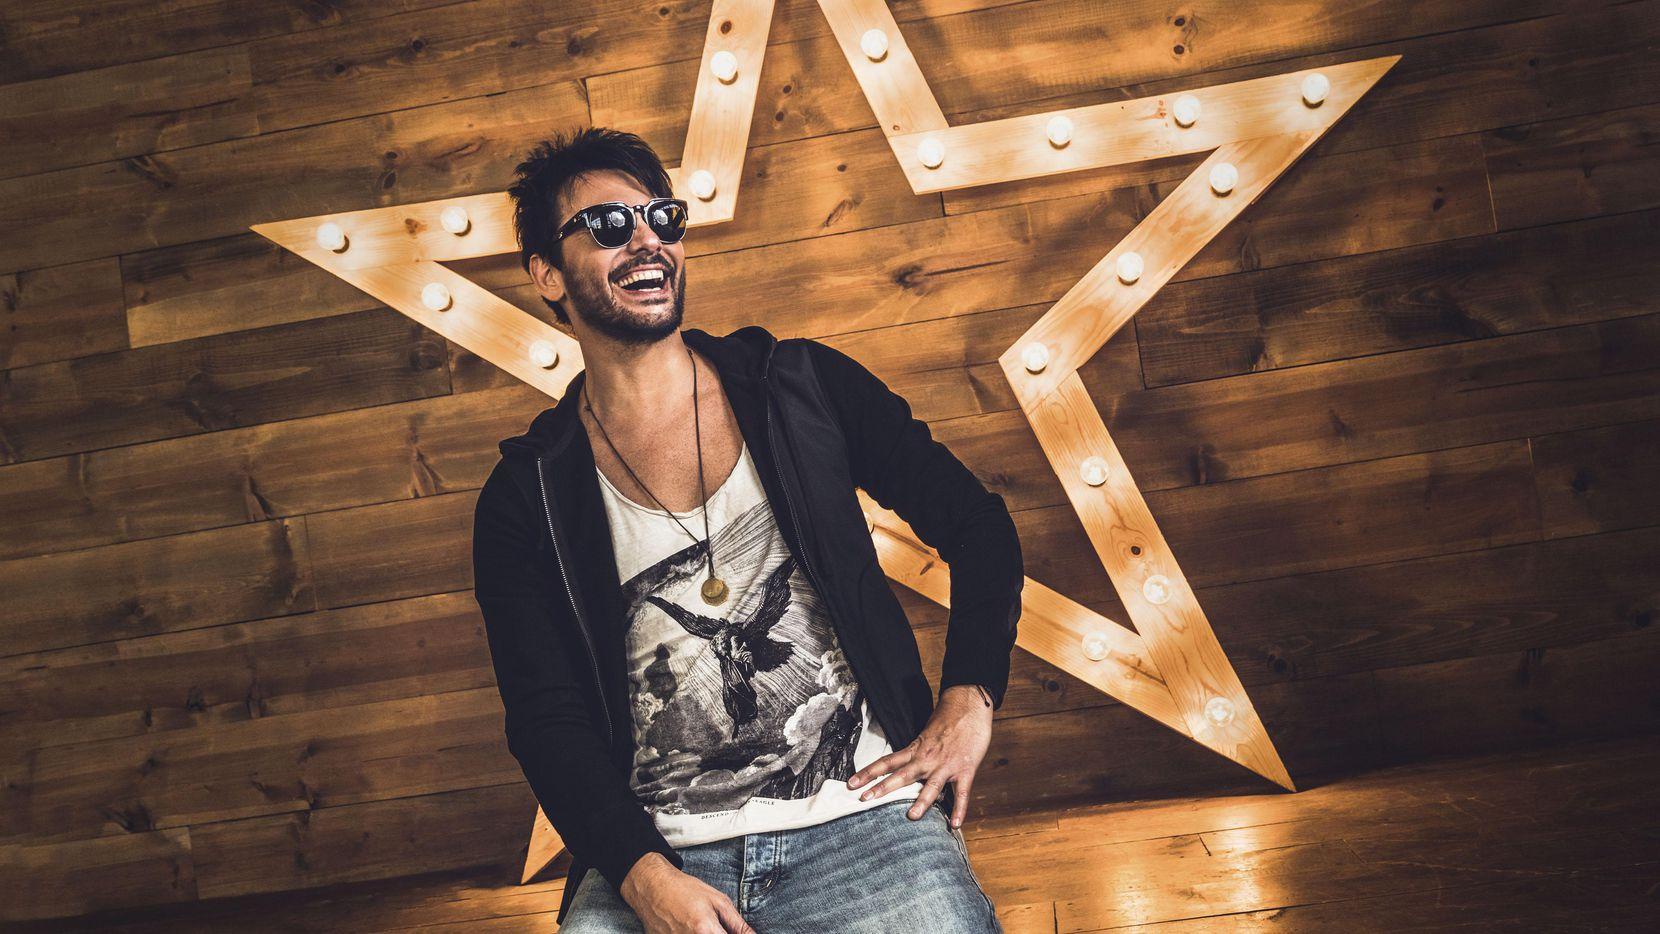 El ex vocalista de La Ley, Beto Cuevas, se presenta el jueves en Dallas. (CORTESÍA WARNER MUSIC/Omar Guerra)